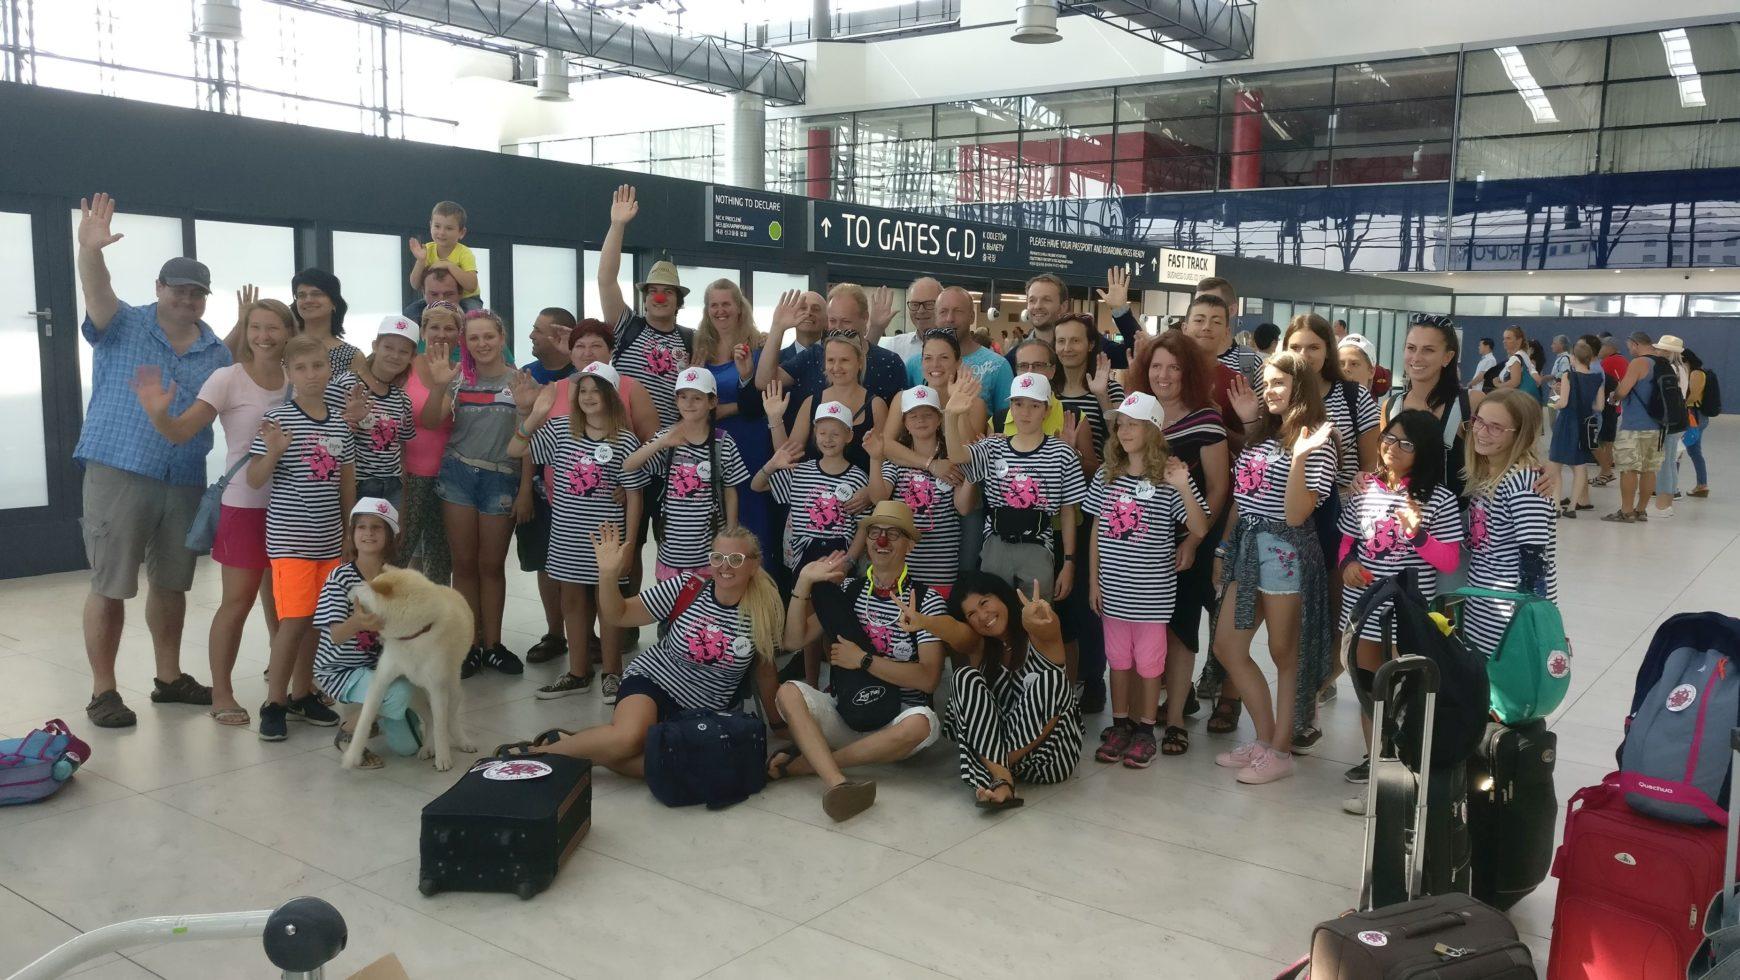 Nave ITALIA si conferma internazionale: da Praga 15 bambini da curare con la terapia dell'avventura